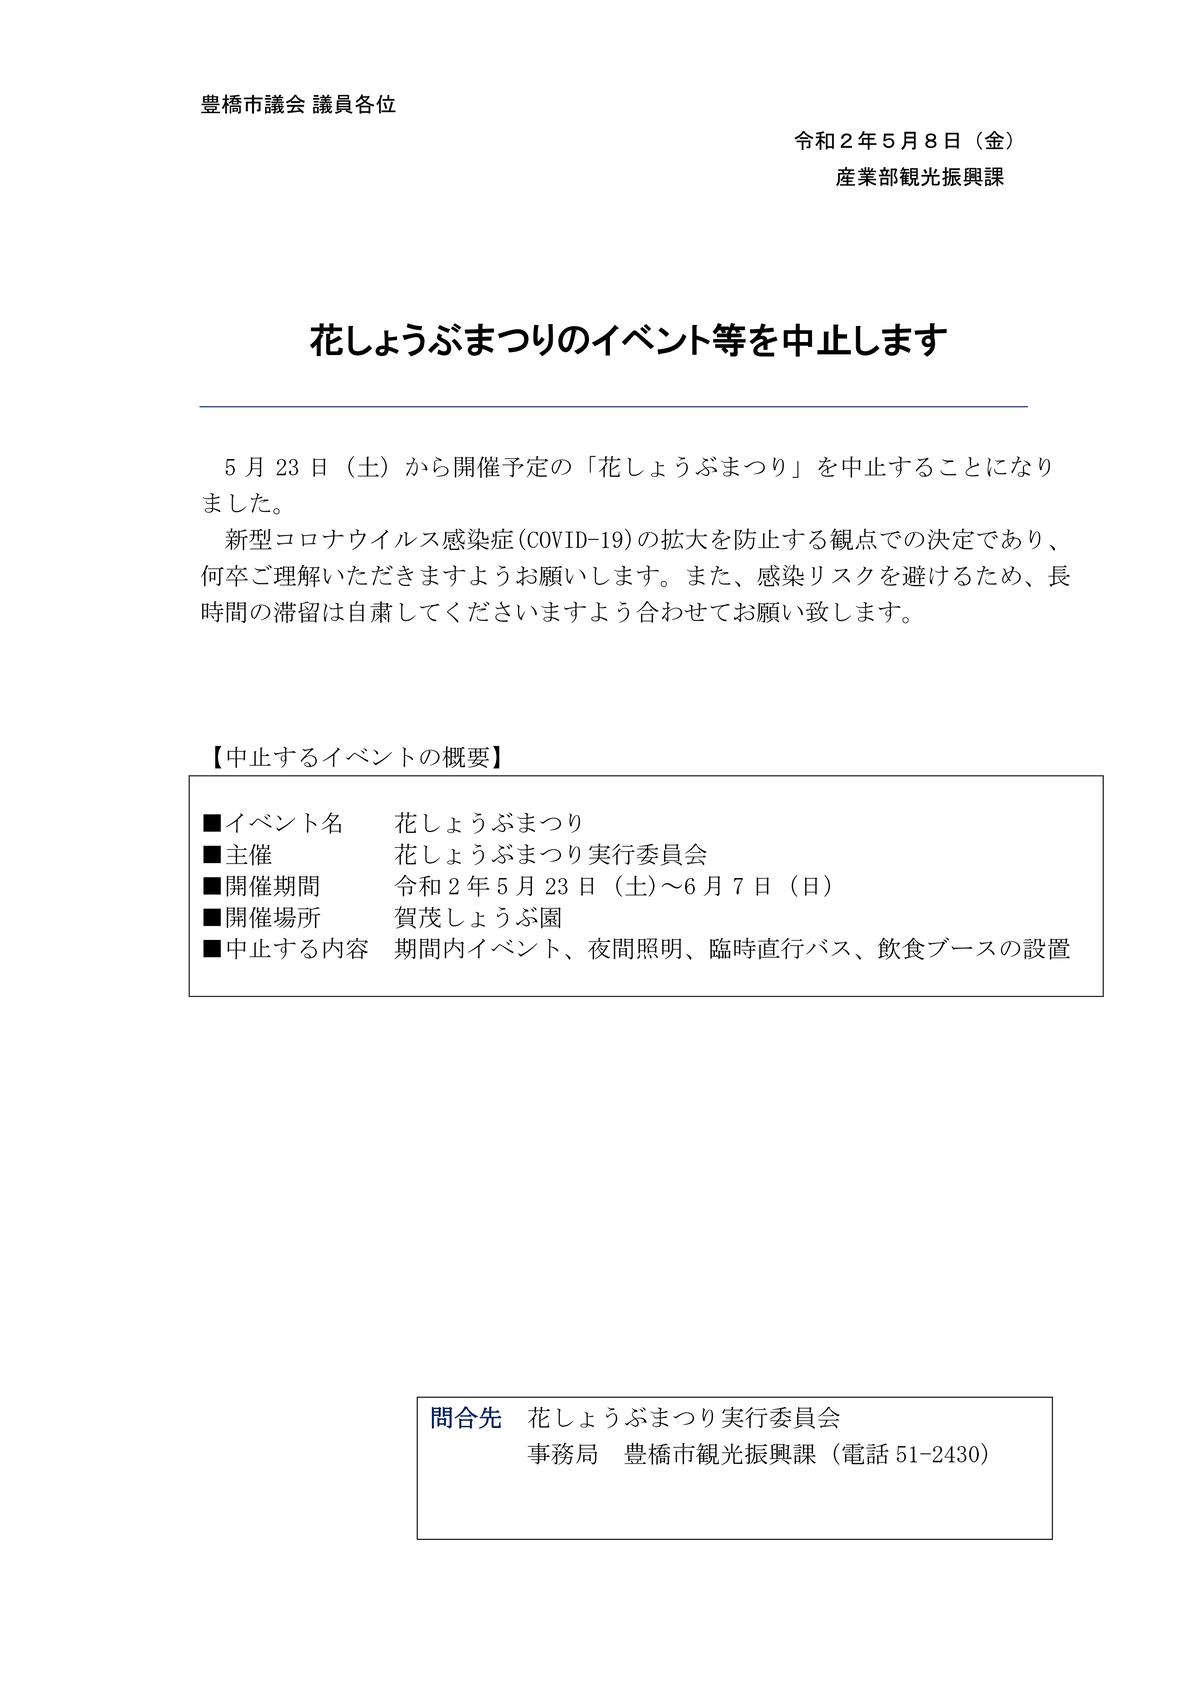 短縮 夏休み 名古屋 市